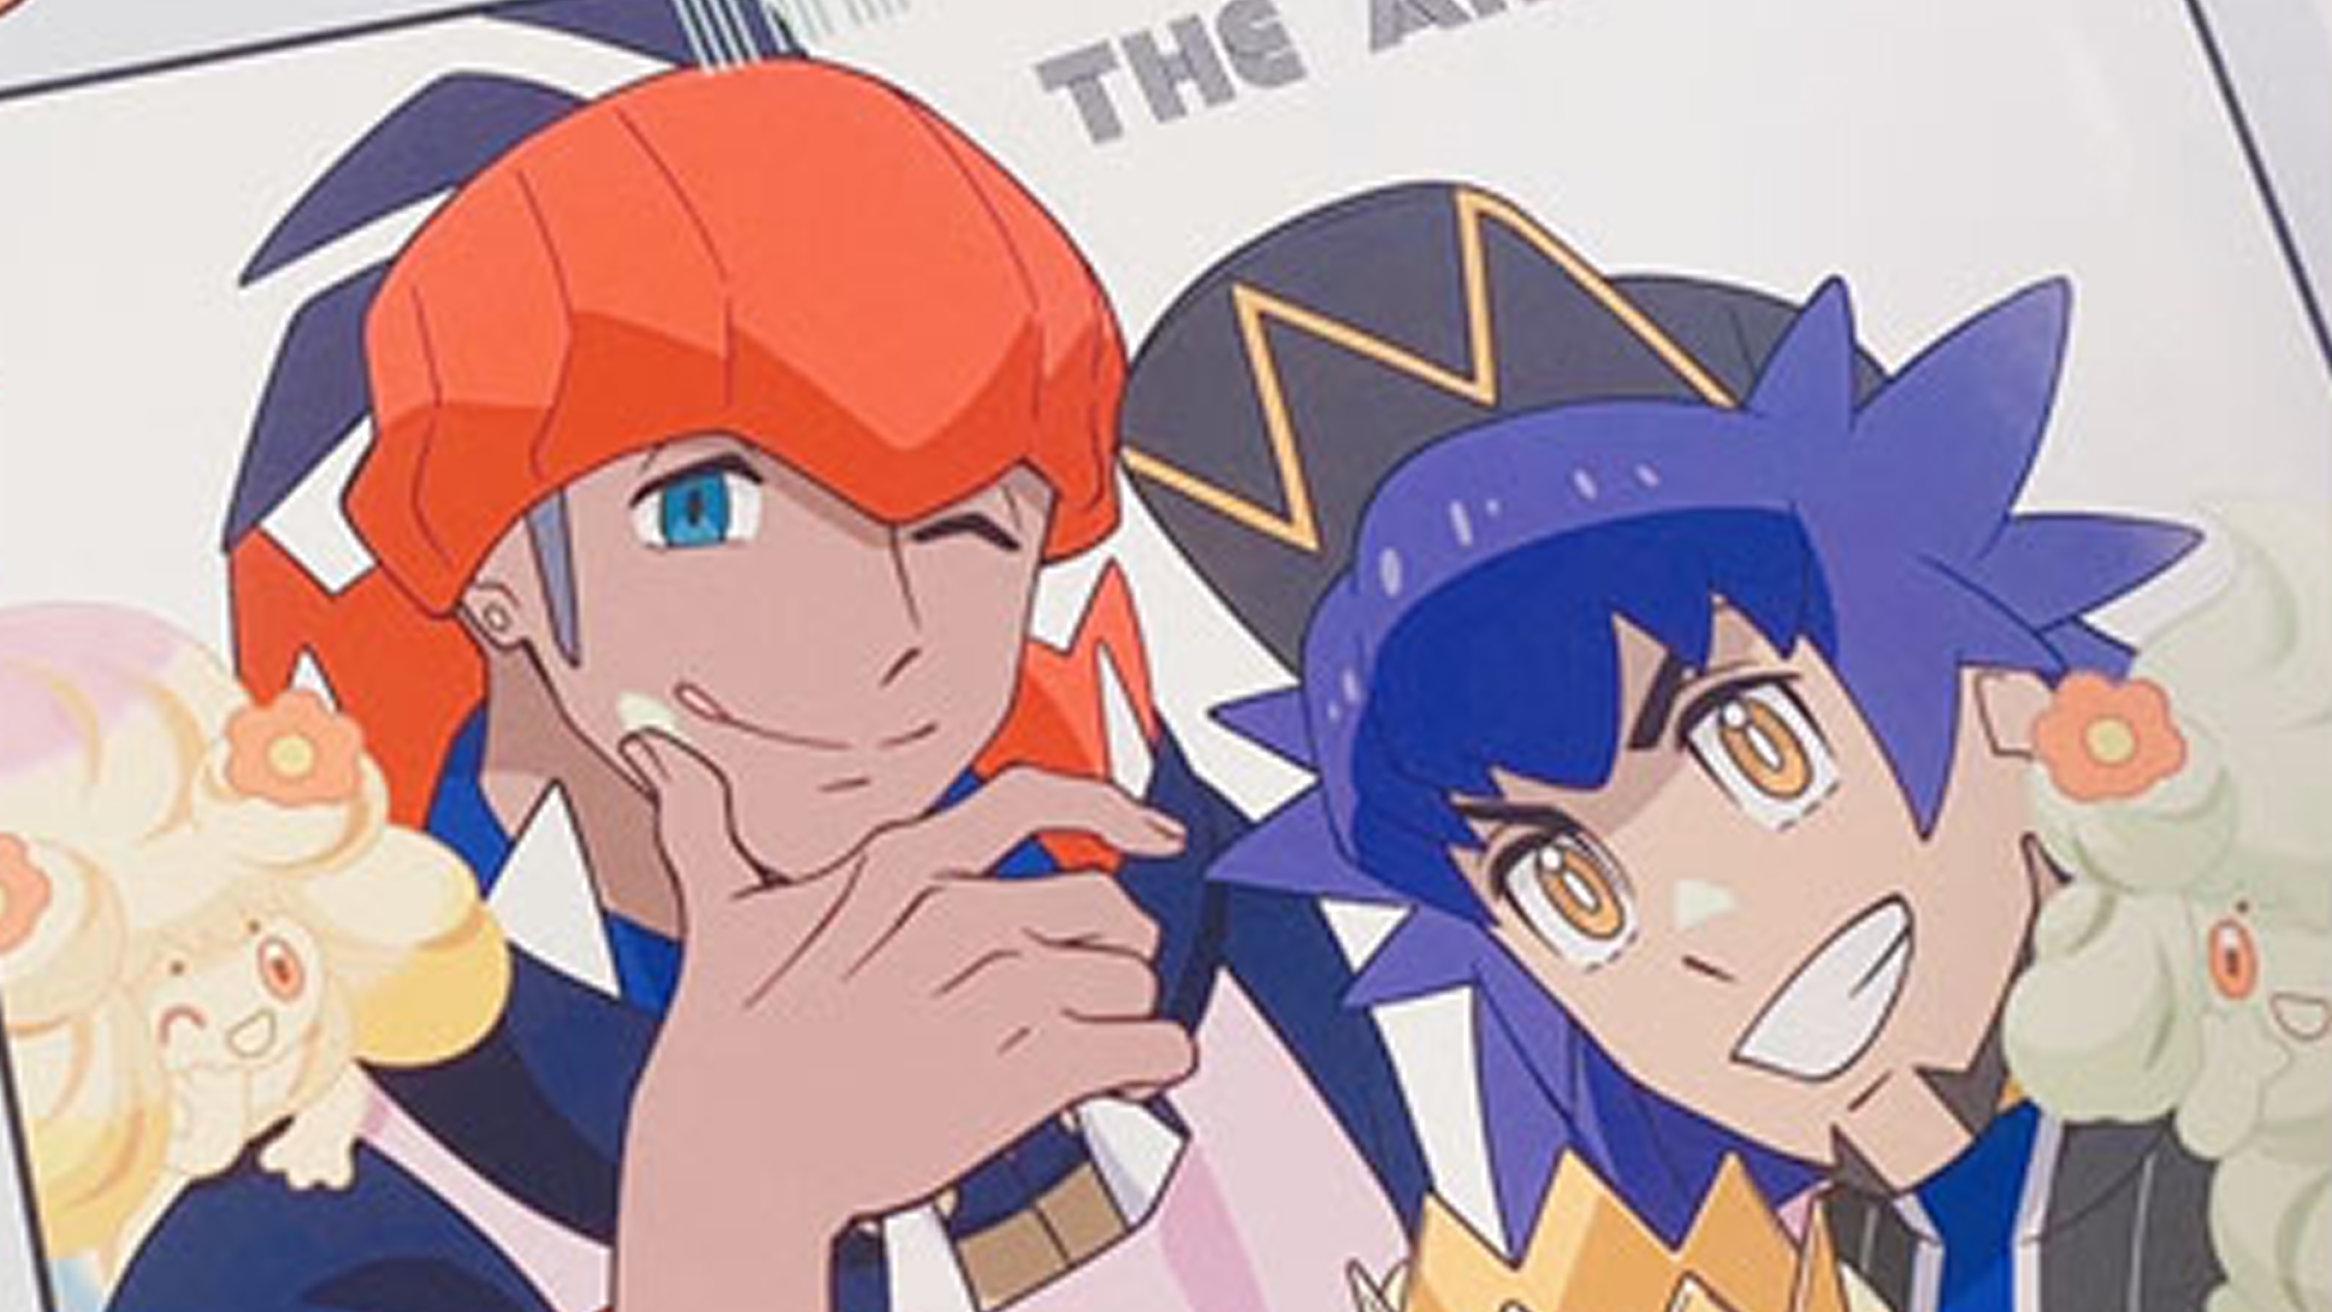 ポケモンアニメ、スイーツ囲むキバナ&ダンデのピンナップ